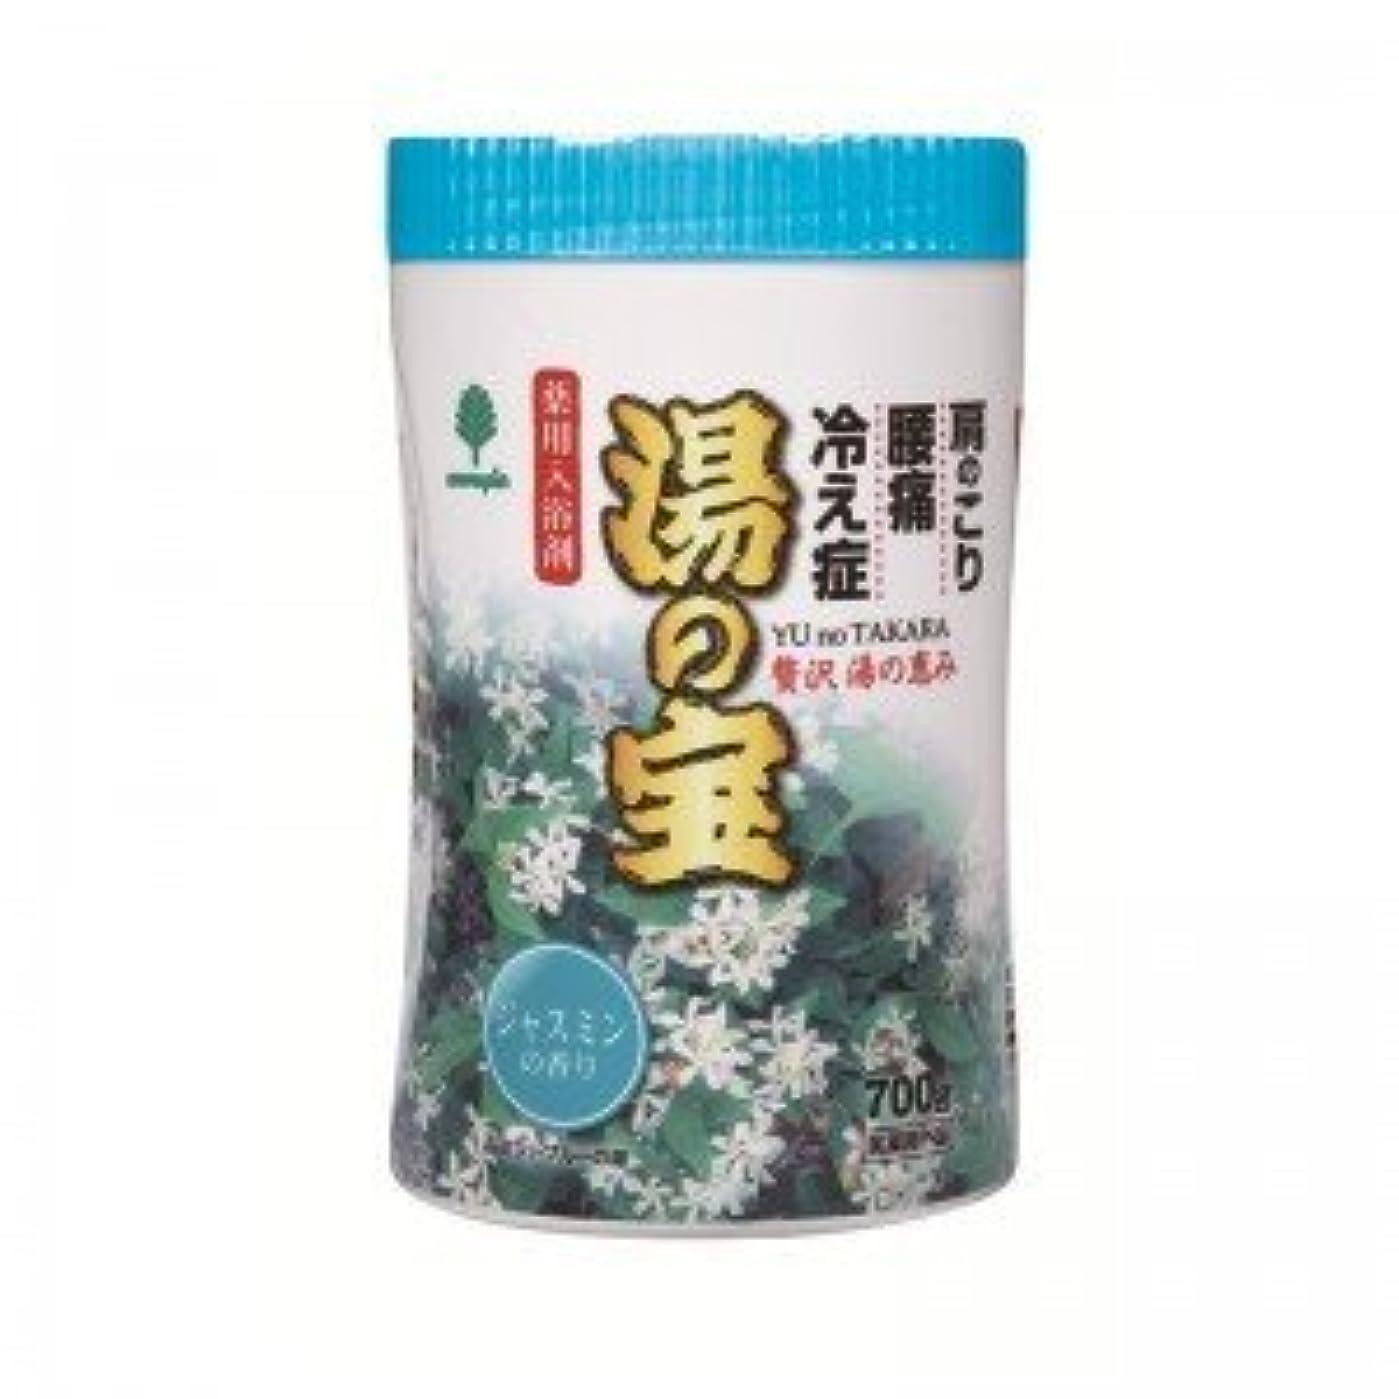 結婚する快い壊滅的な紀陽除虫菊 湯の宝 ジャスミンの香り (丸ボトル) 700g【まとめ買い15個セット】 N-0067